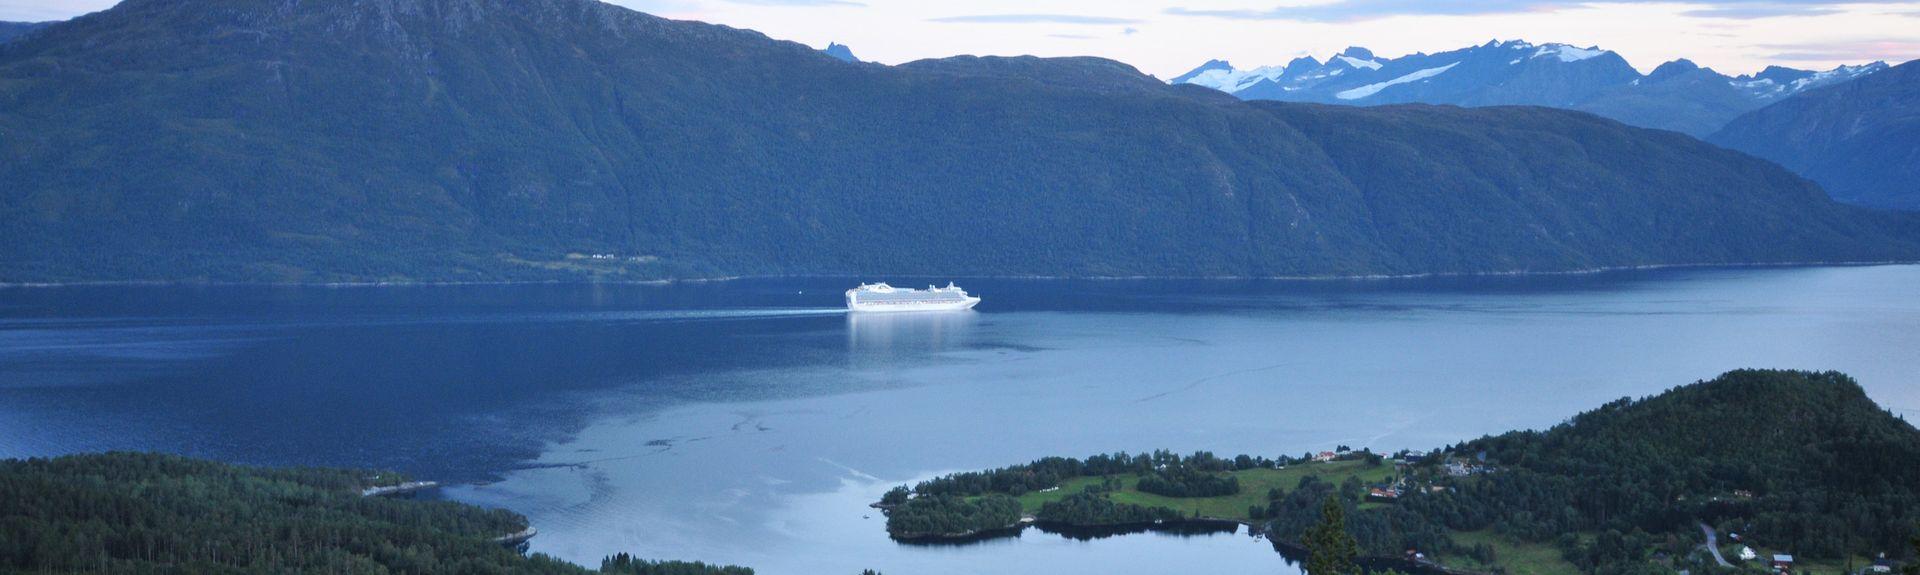 Møre og Romsdal, Norge